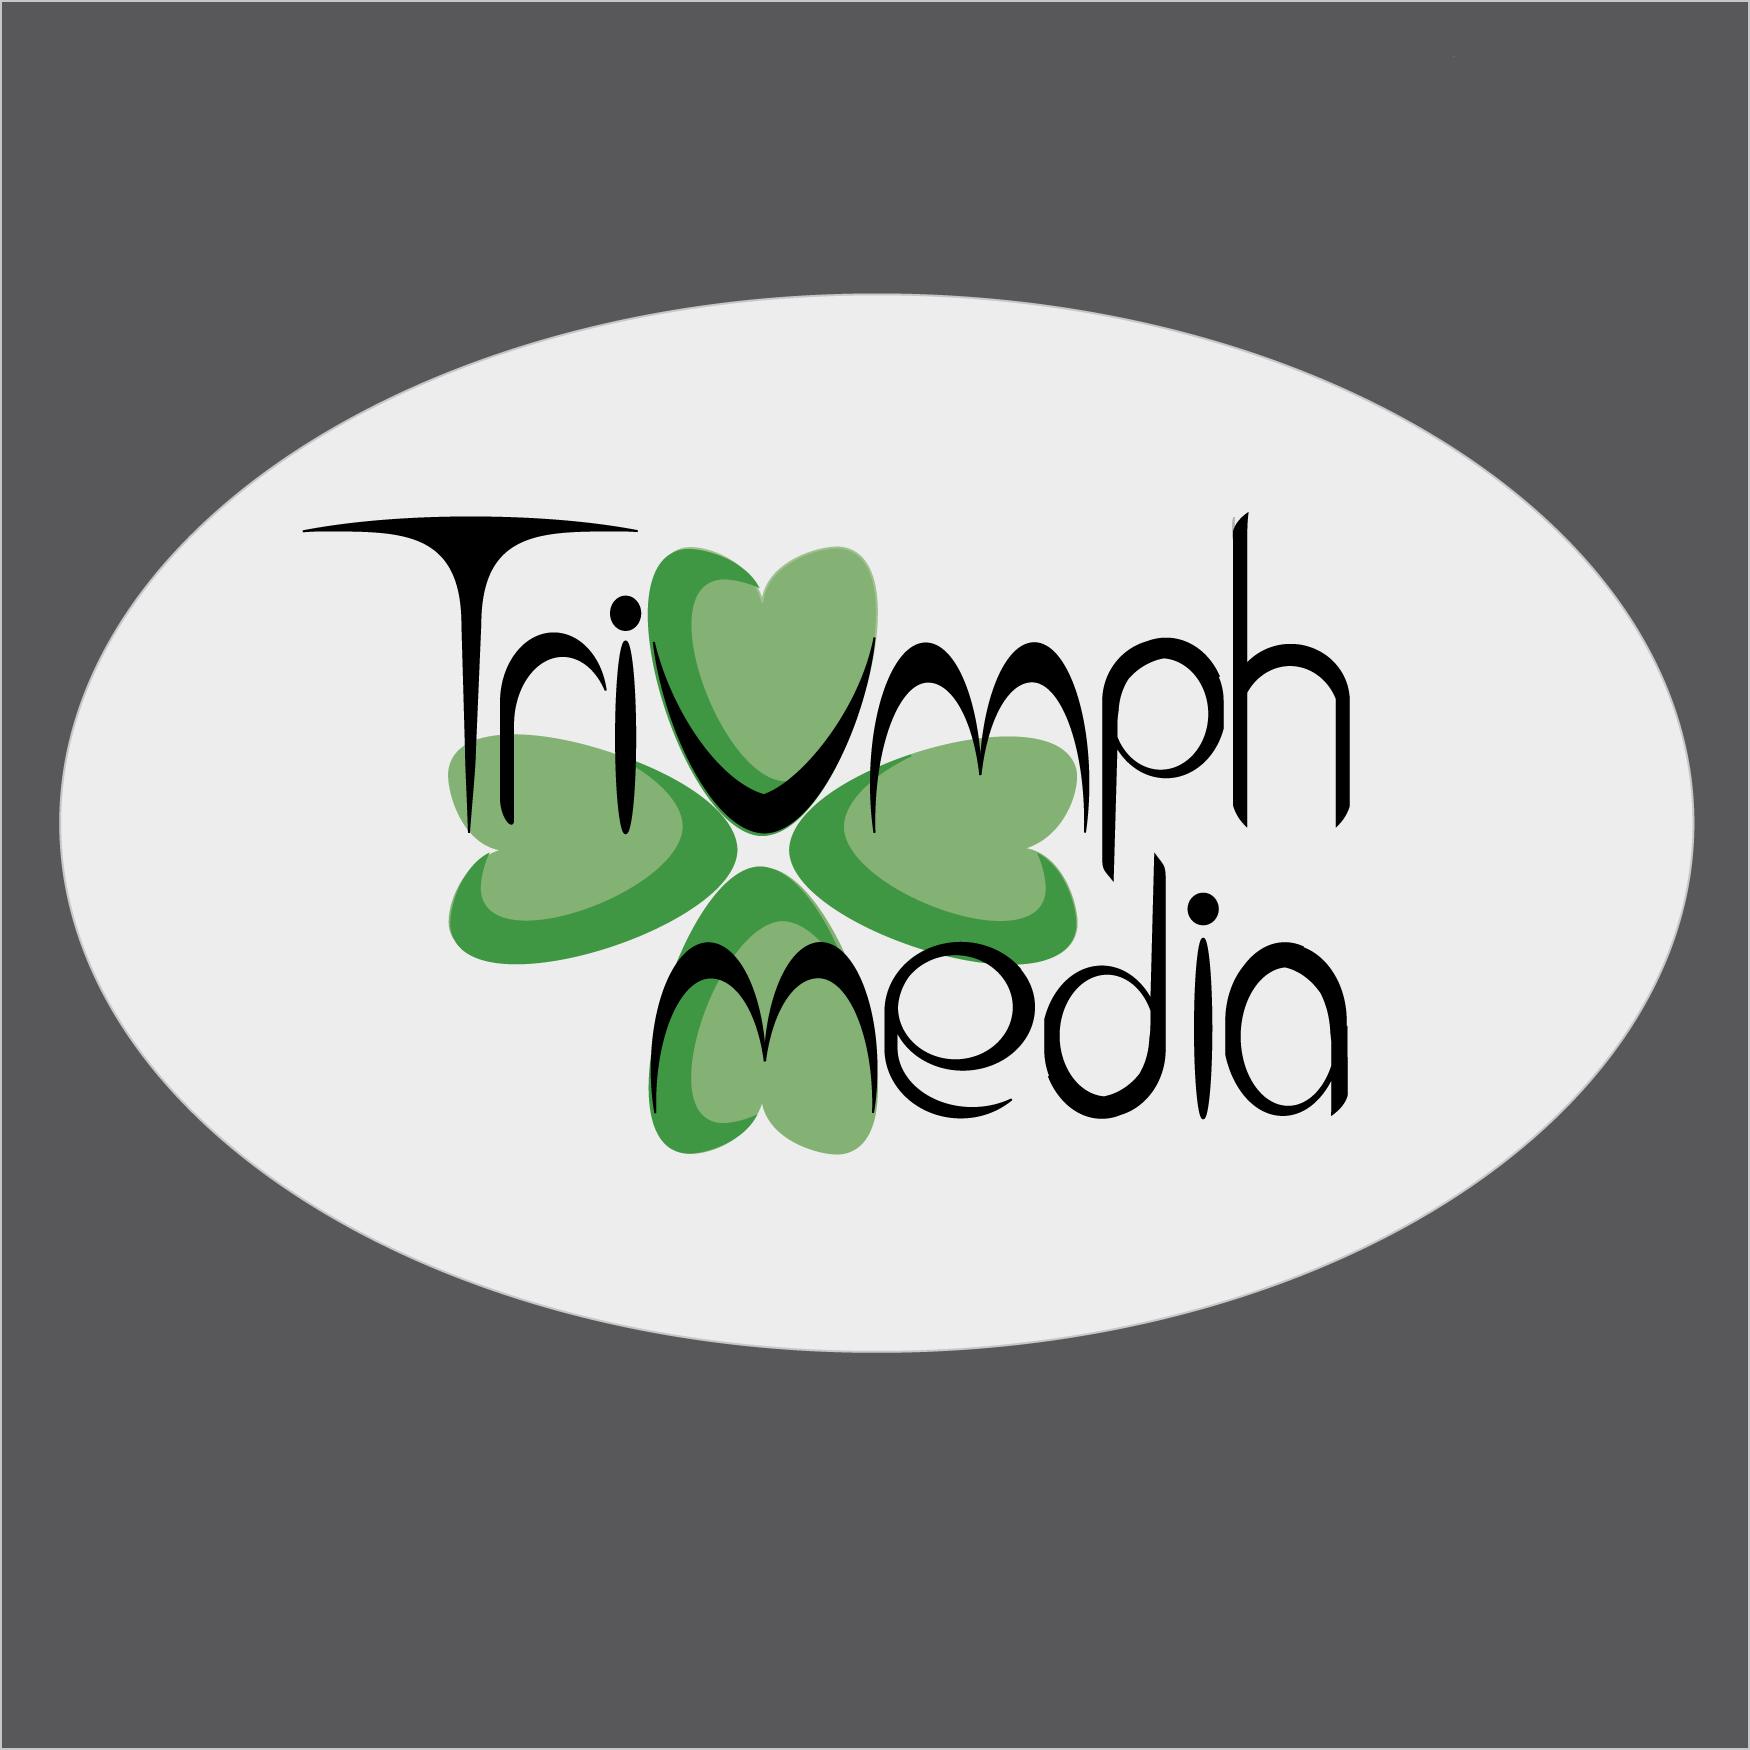 Разработка логотипа  TRIUMPH MEDIA с изображением клевера фото f_50797c1d84cf1.png